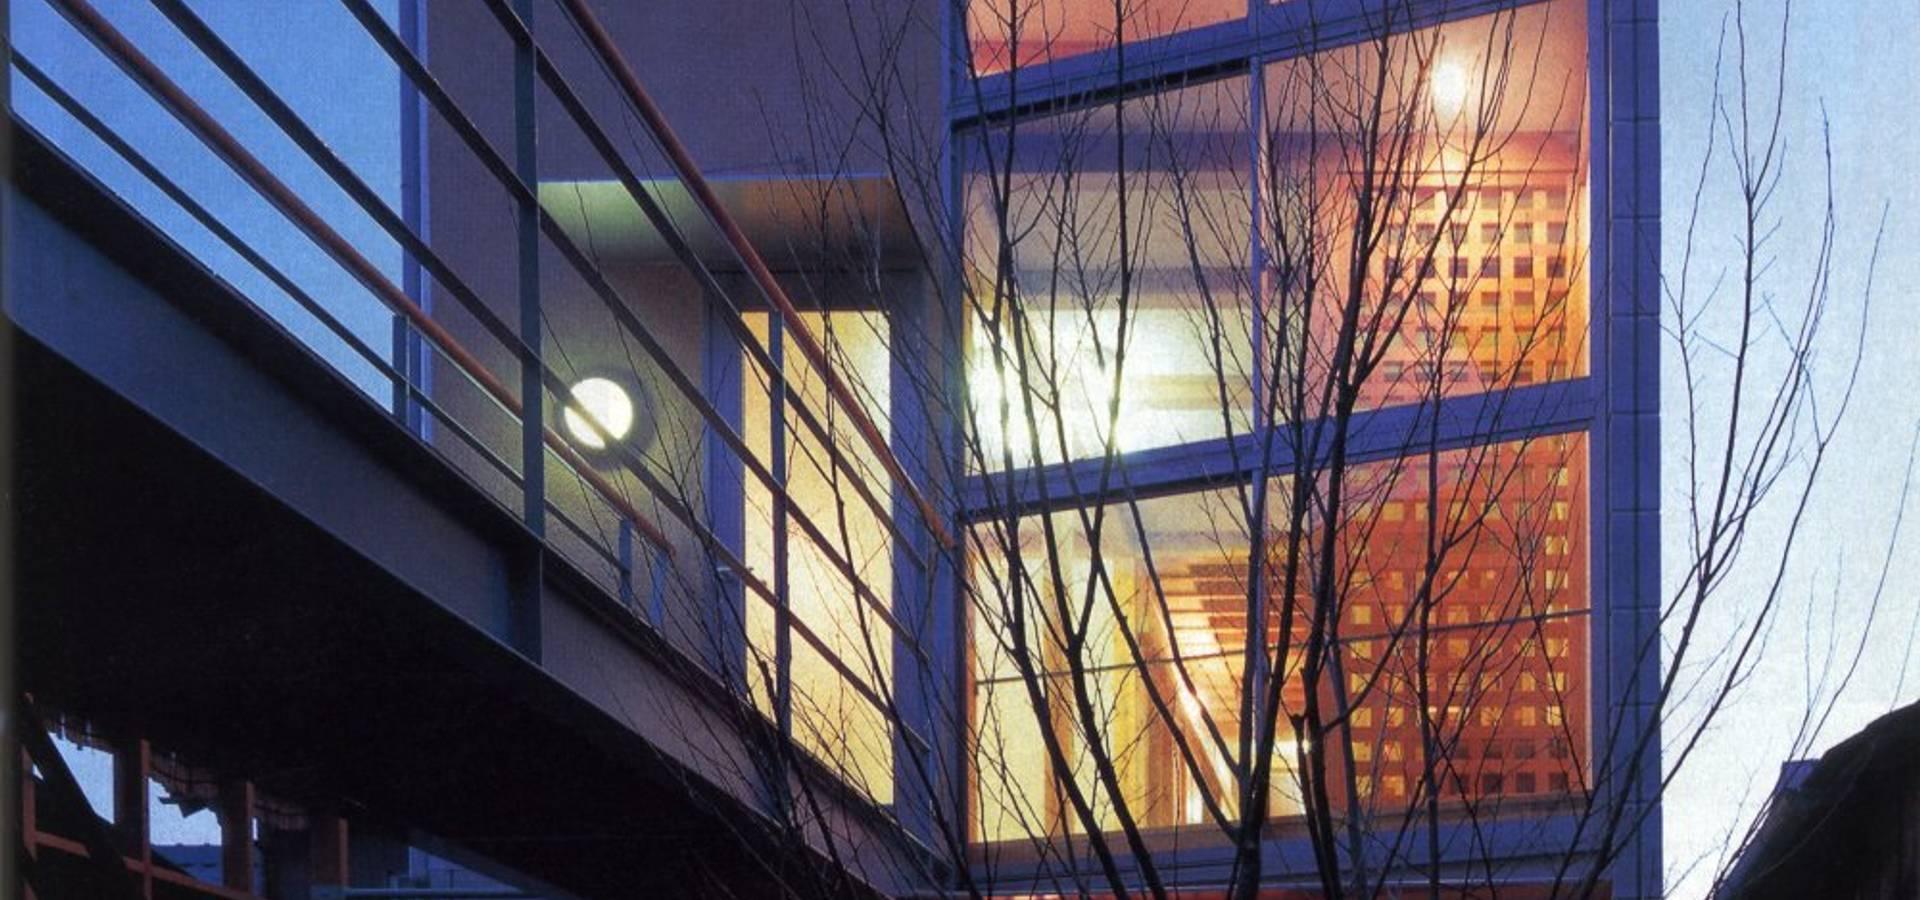 設計組織アルキメラ 一級建築士事務所